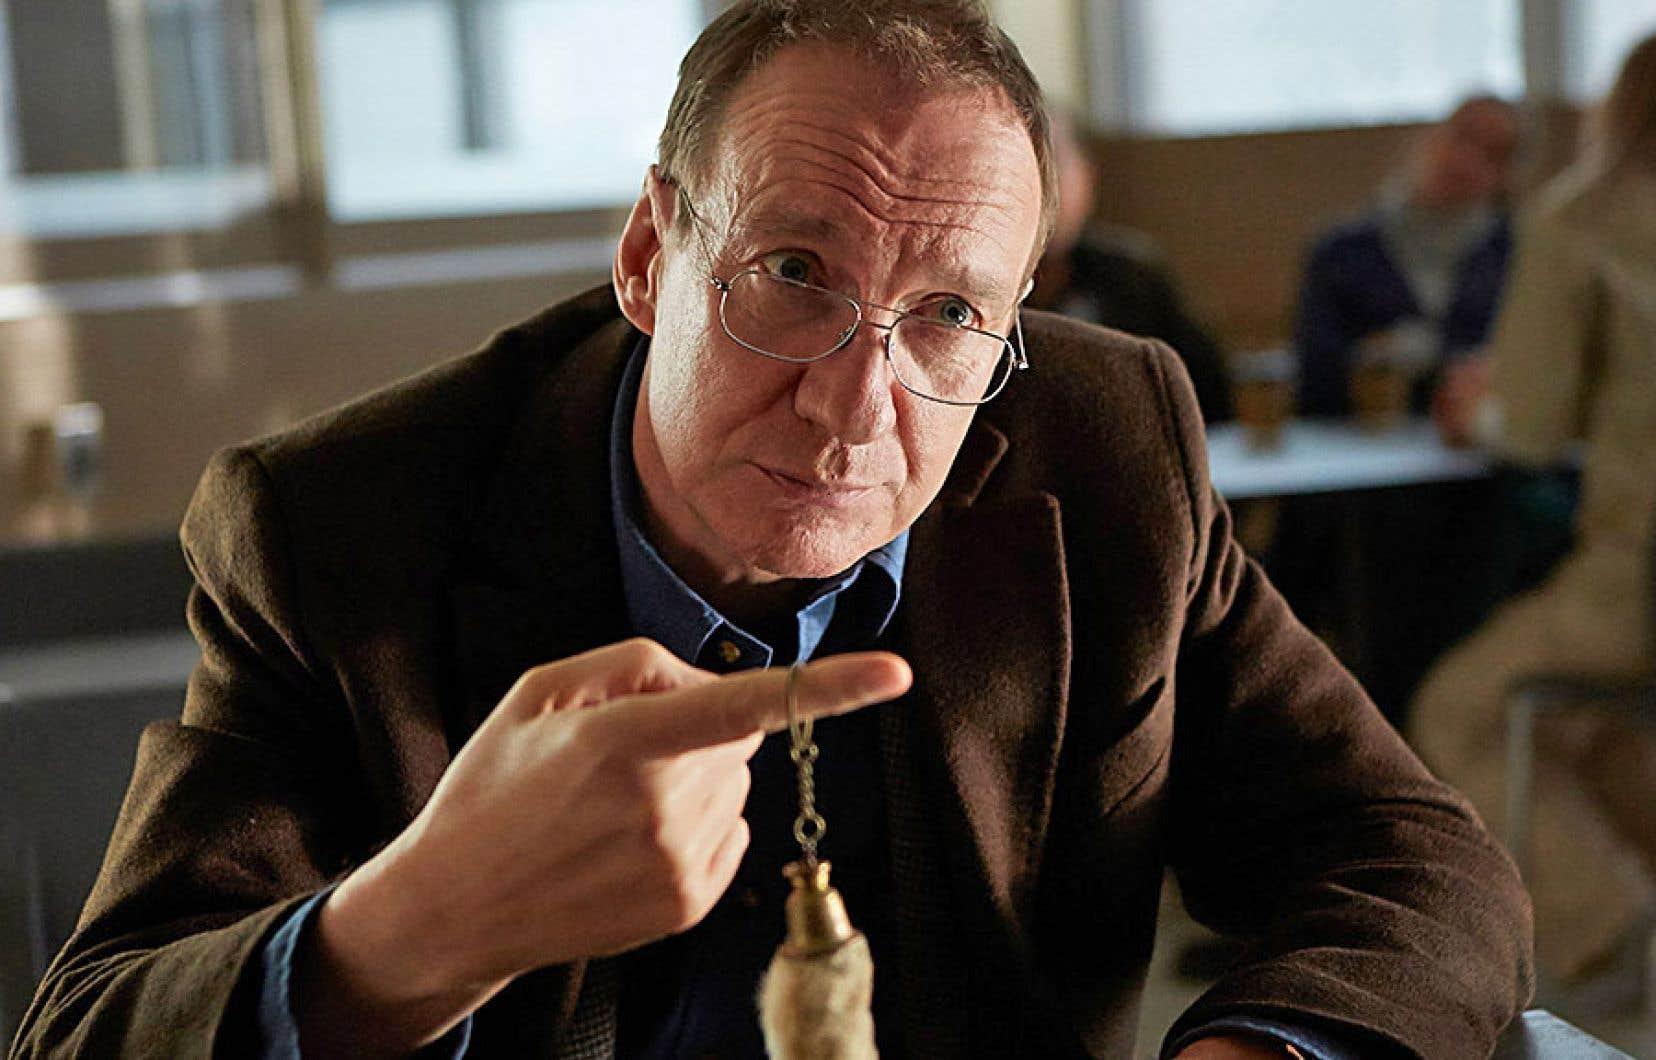 Le Britannique David Thewlis est excellent dans la peau d'un père névrosé, inspecteur sanitaire de restaurants, dont le lien qui l'unit à sa fille multitraumatisée et emprisonnée pour une fausse histoire d'abus sexuel apparaît tissé de nœuds.